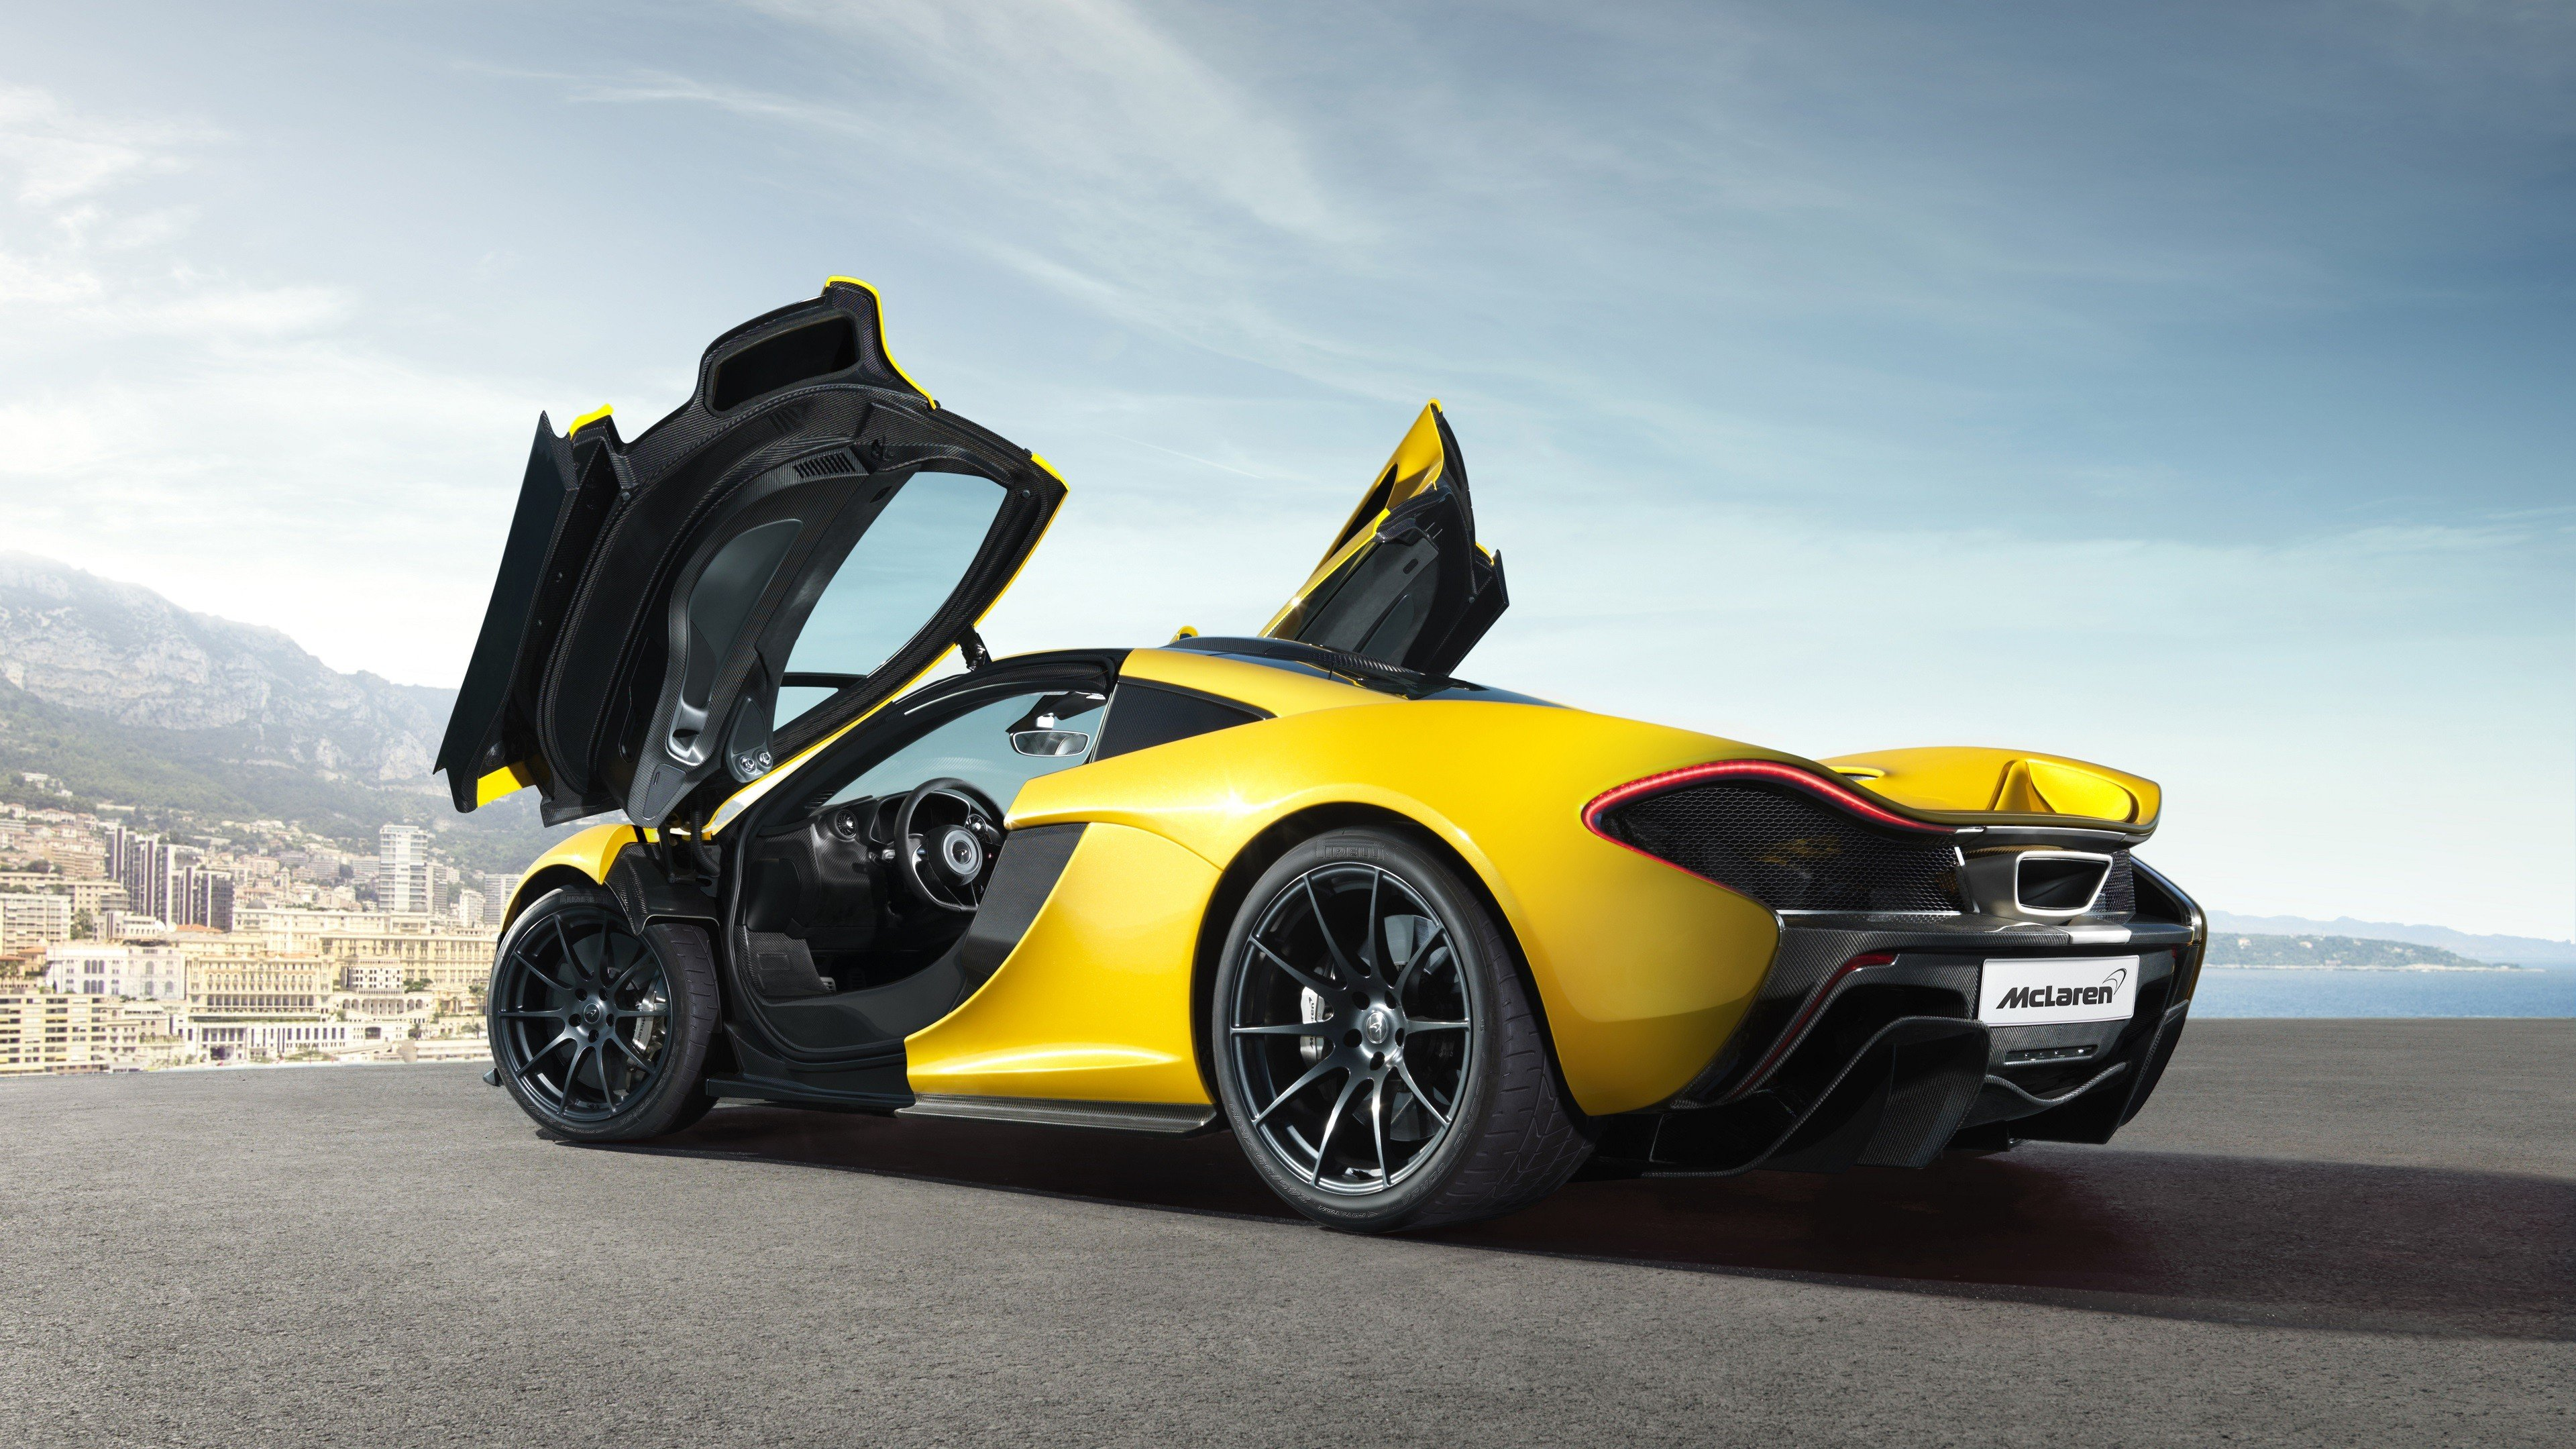 желтый спортивный автомобиль McLaren MP4 12C GT3  № 667619 бесплатно